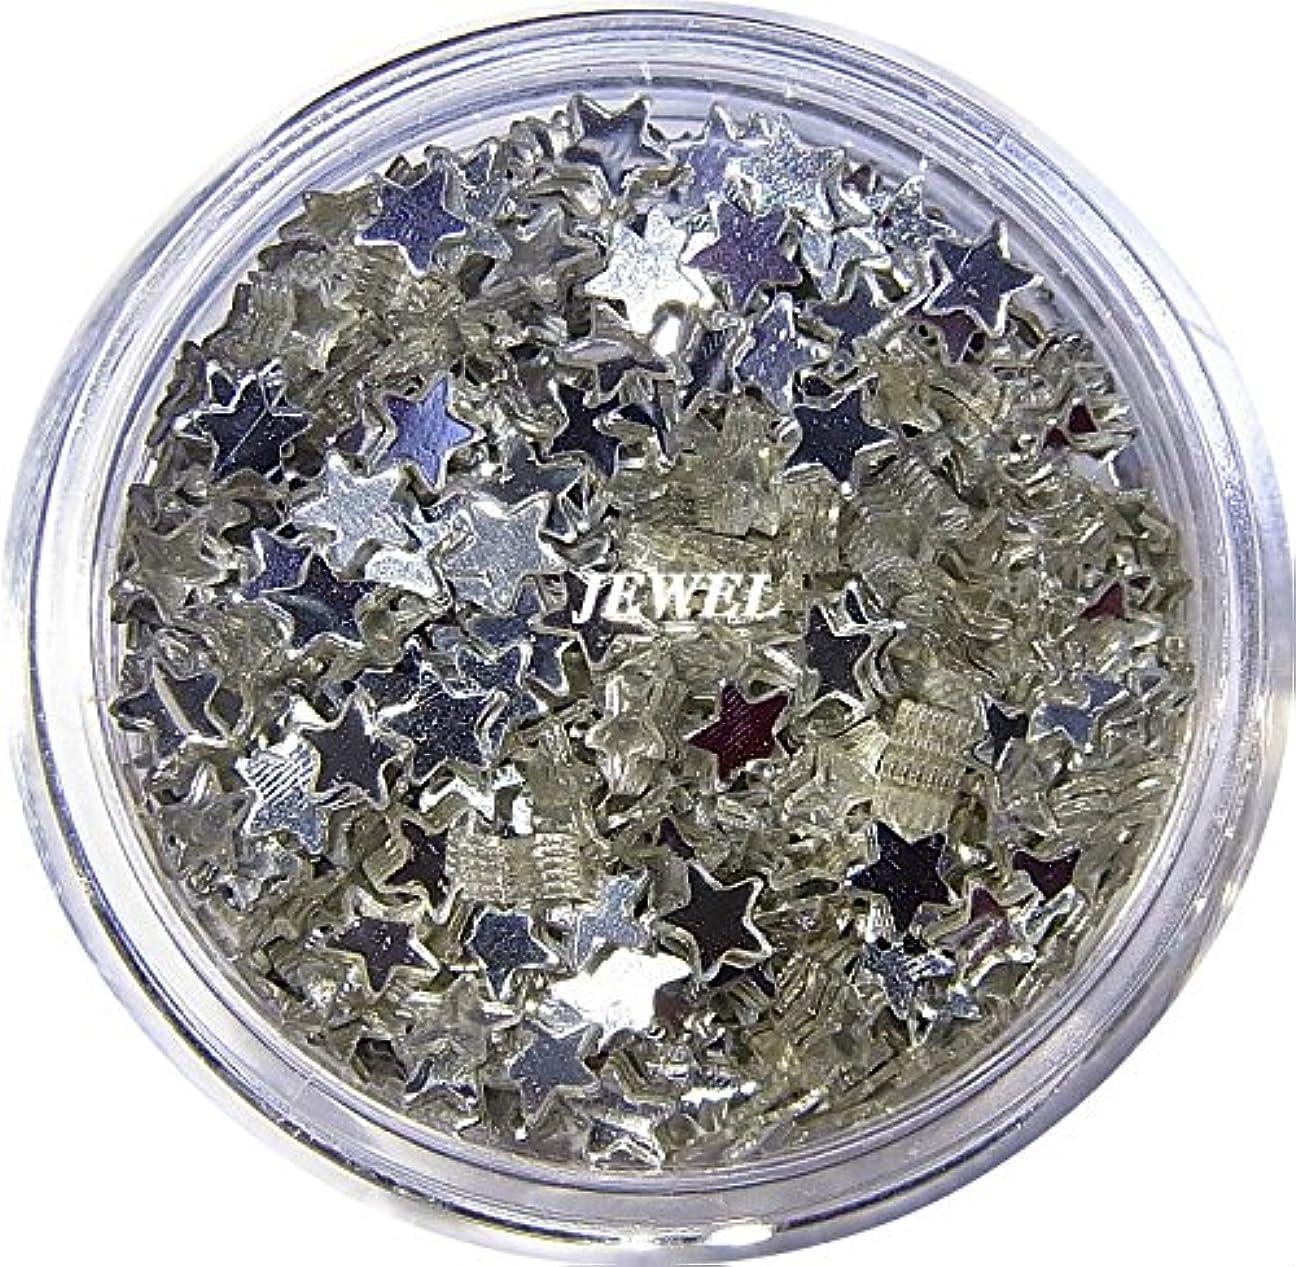 バトルクマノミ電気技師【jewel】 星ホログラム 2.5mm シルバー スター 2g入り レジン&ネイル用